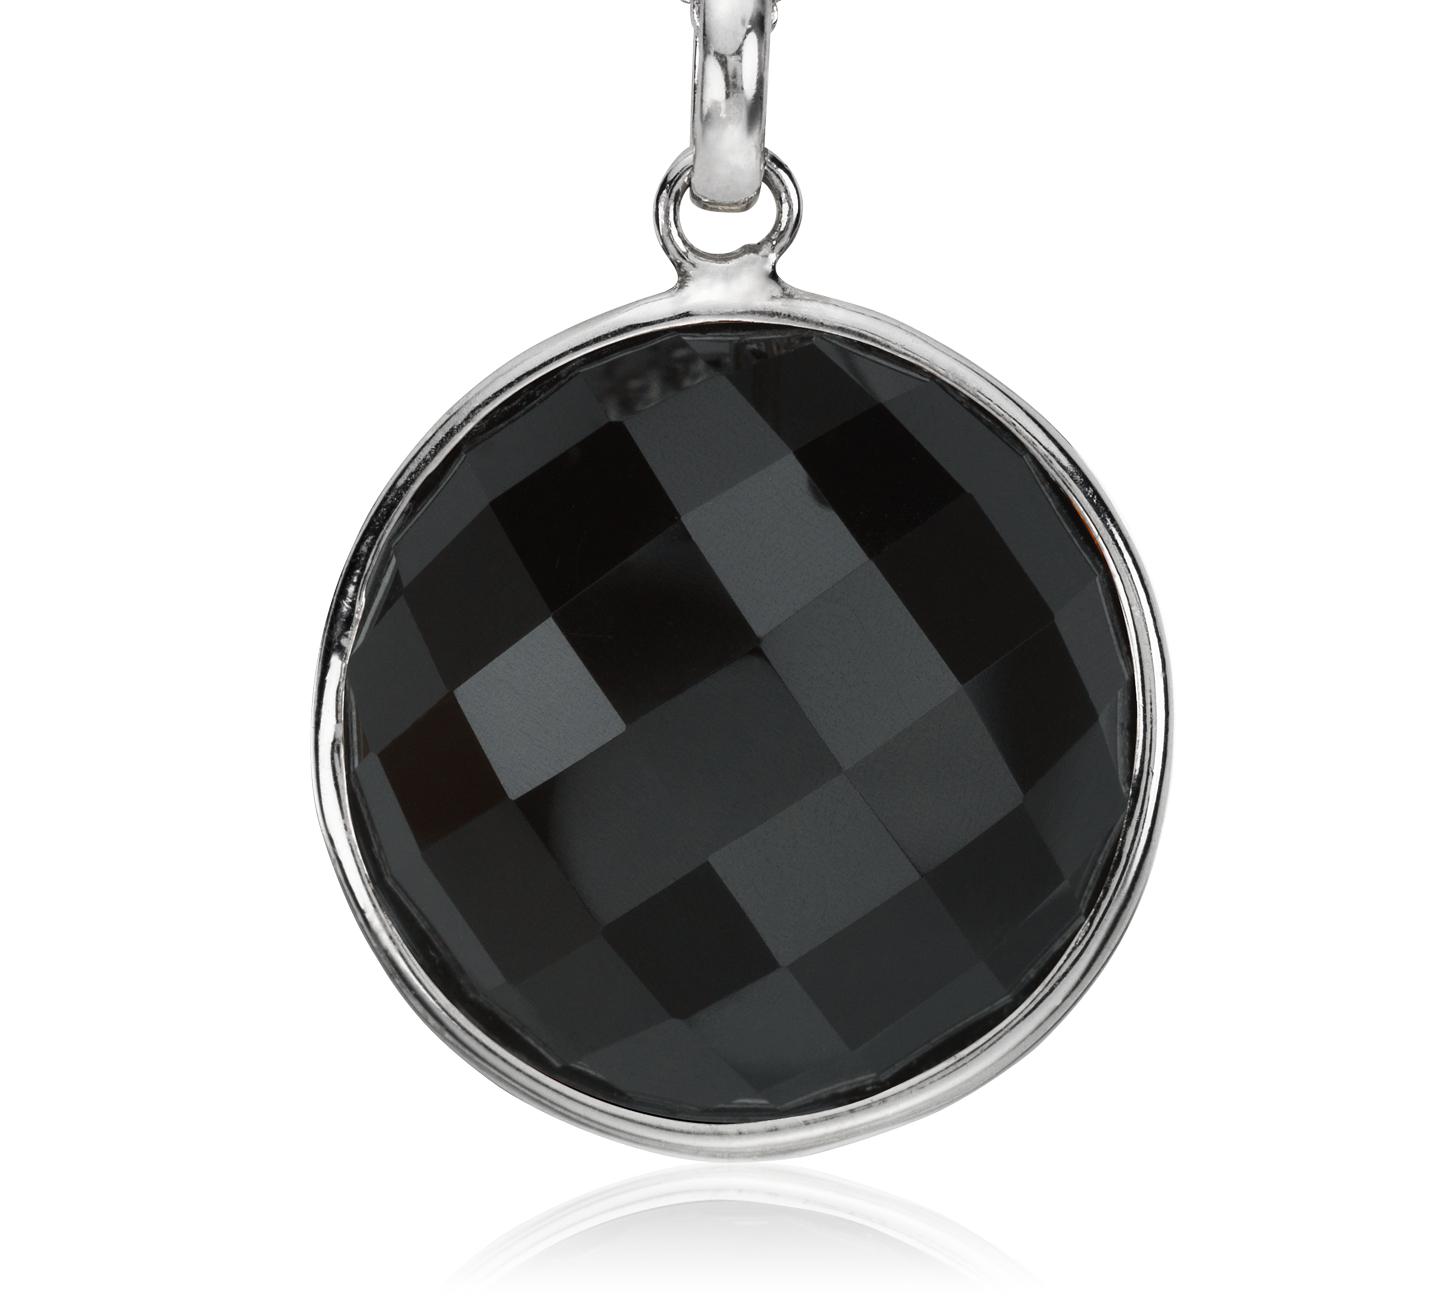 Pendentif onyx noir à facettes en argent sterling